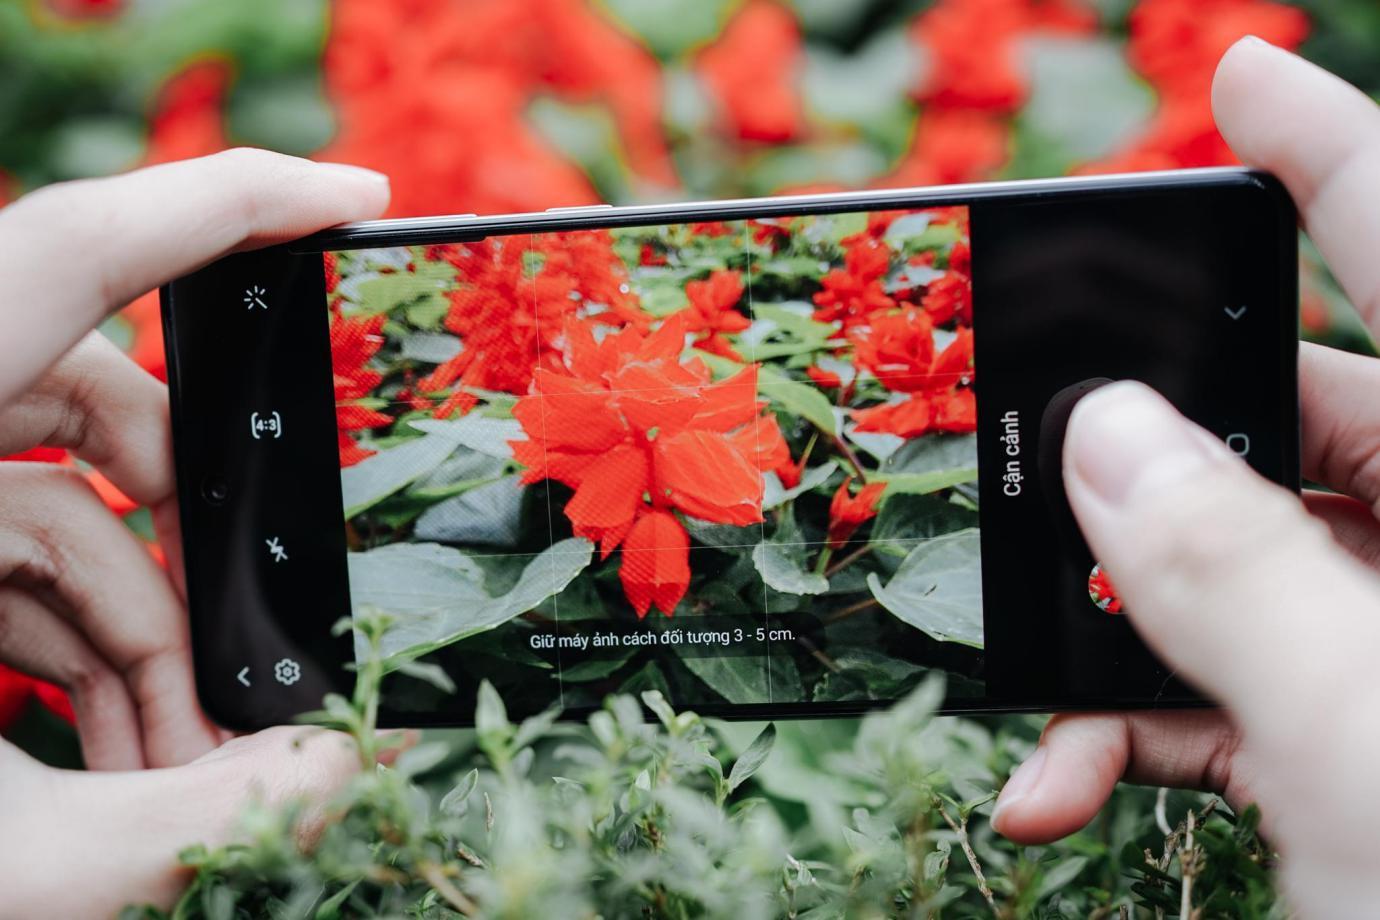 Cứ tưởng chụp bằng máy ảnh, hóa ra chỉ cần điện thoại là có những tấm hình Bắt trọn chất Art cỡ này! - Ảnh 2.